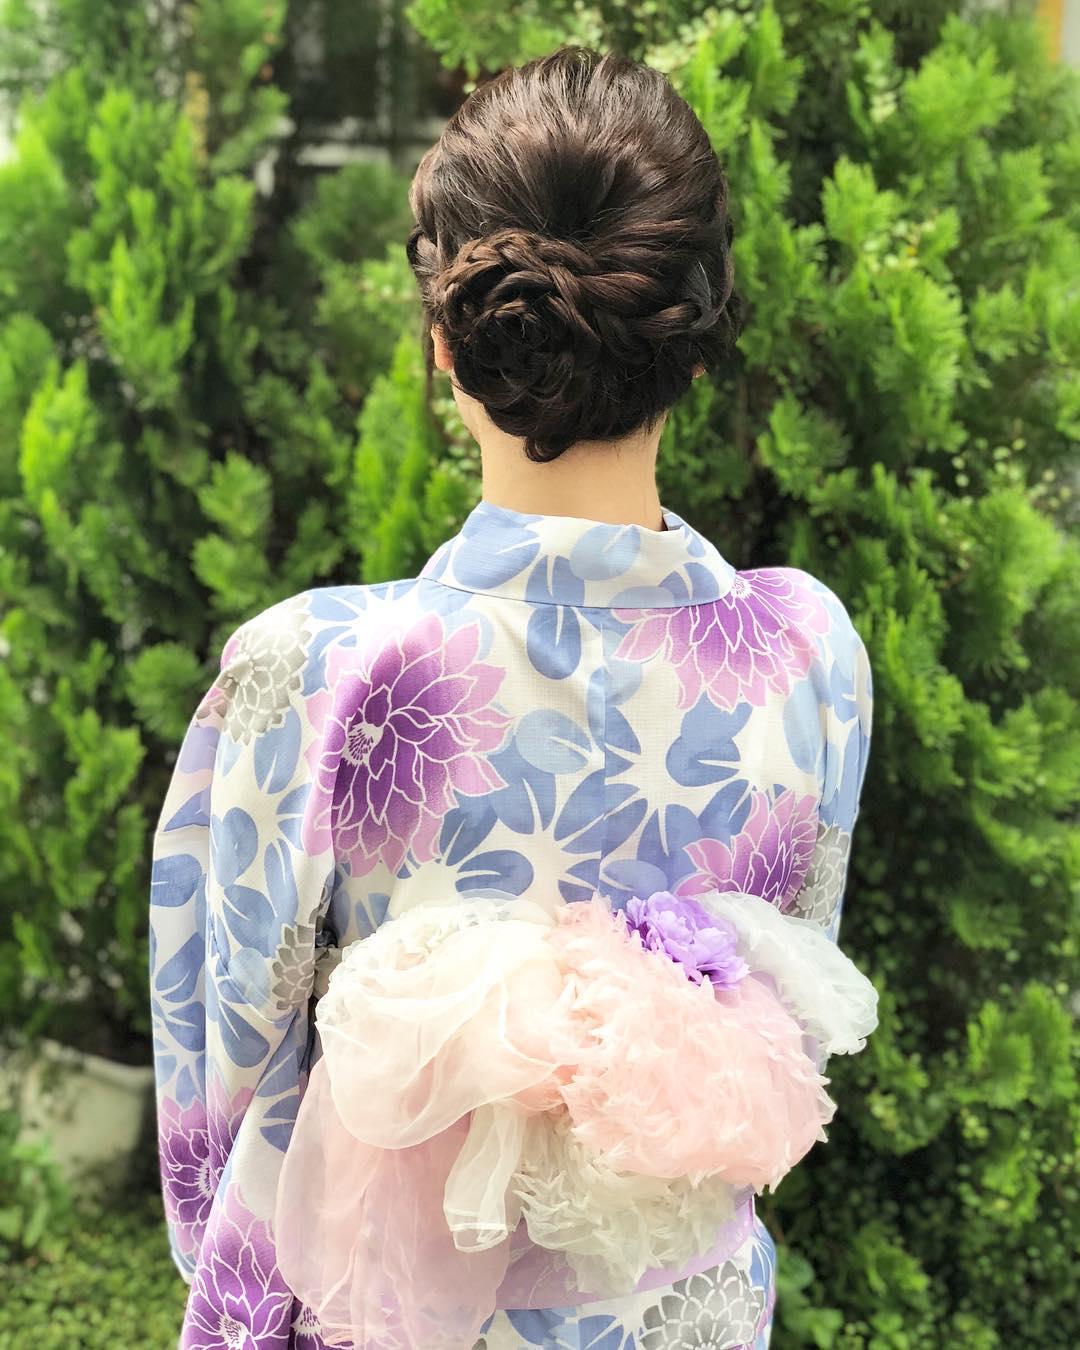 【保存版】トレンドの可愛いヘアスタイル・髪型47選大発表!54